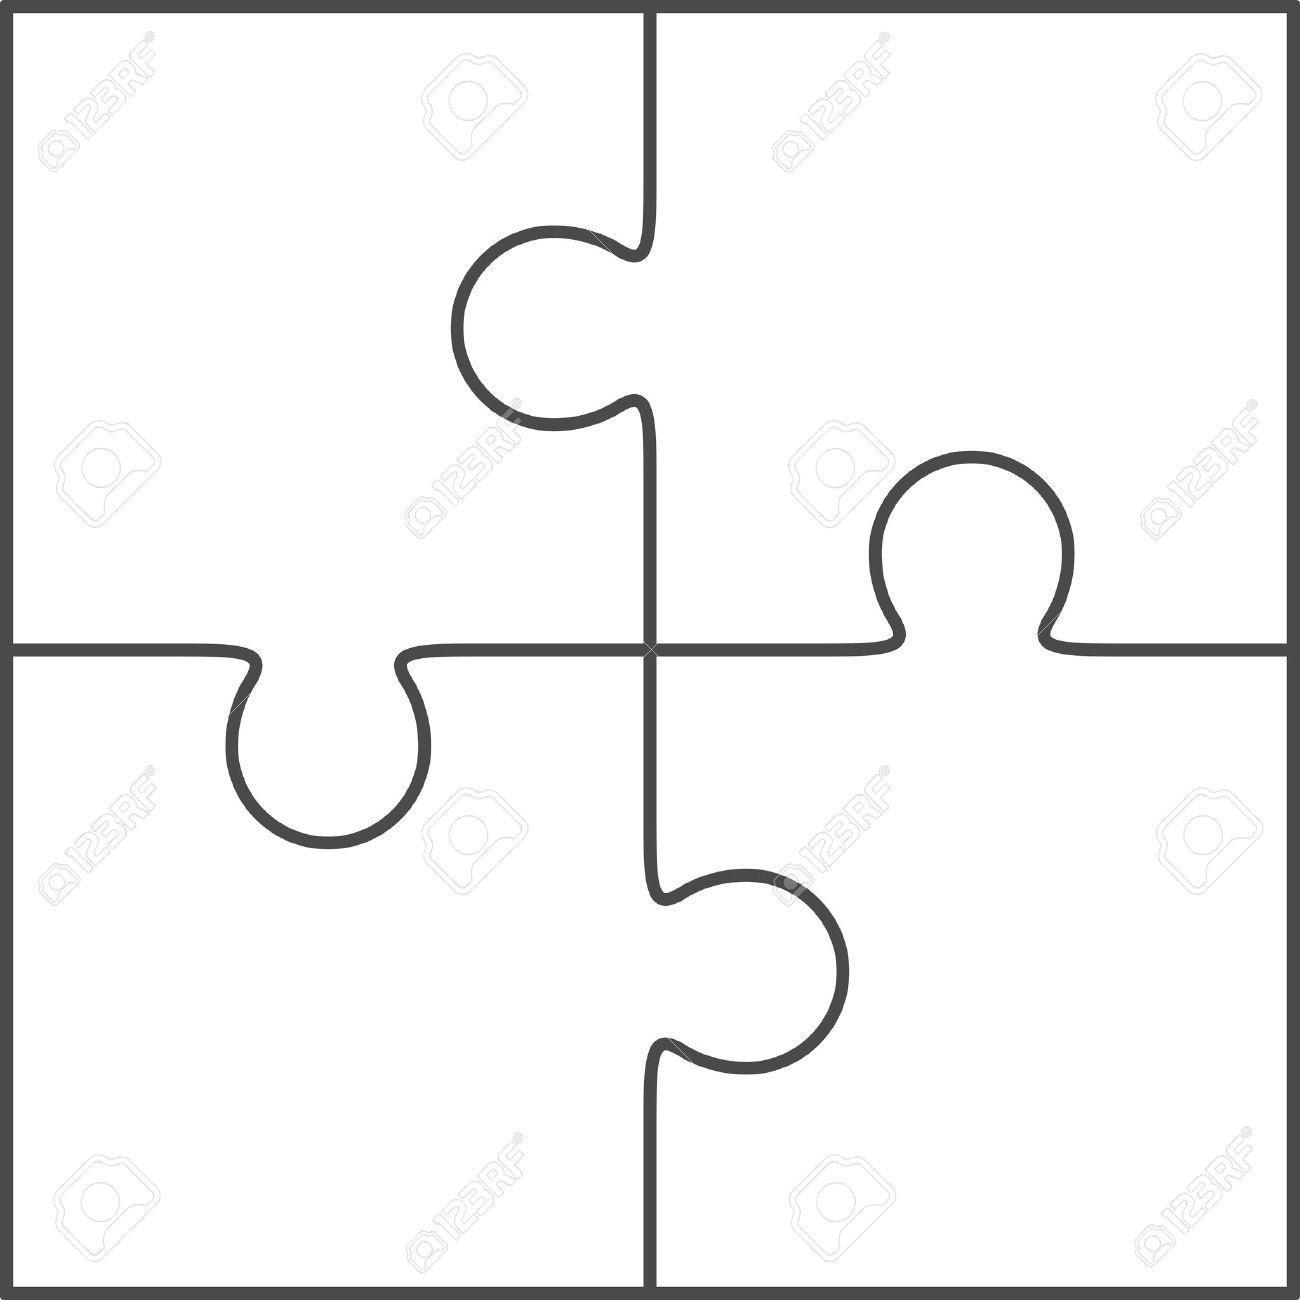 Puzzle Piece Outline   Free Download Best Puzzle Piece Outline On - Free Blank Printable Puzzle Pieces